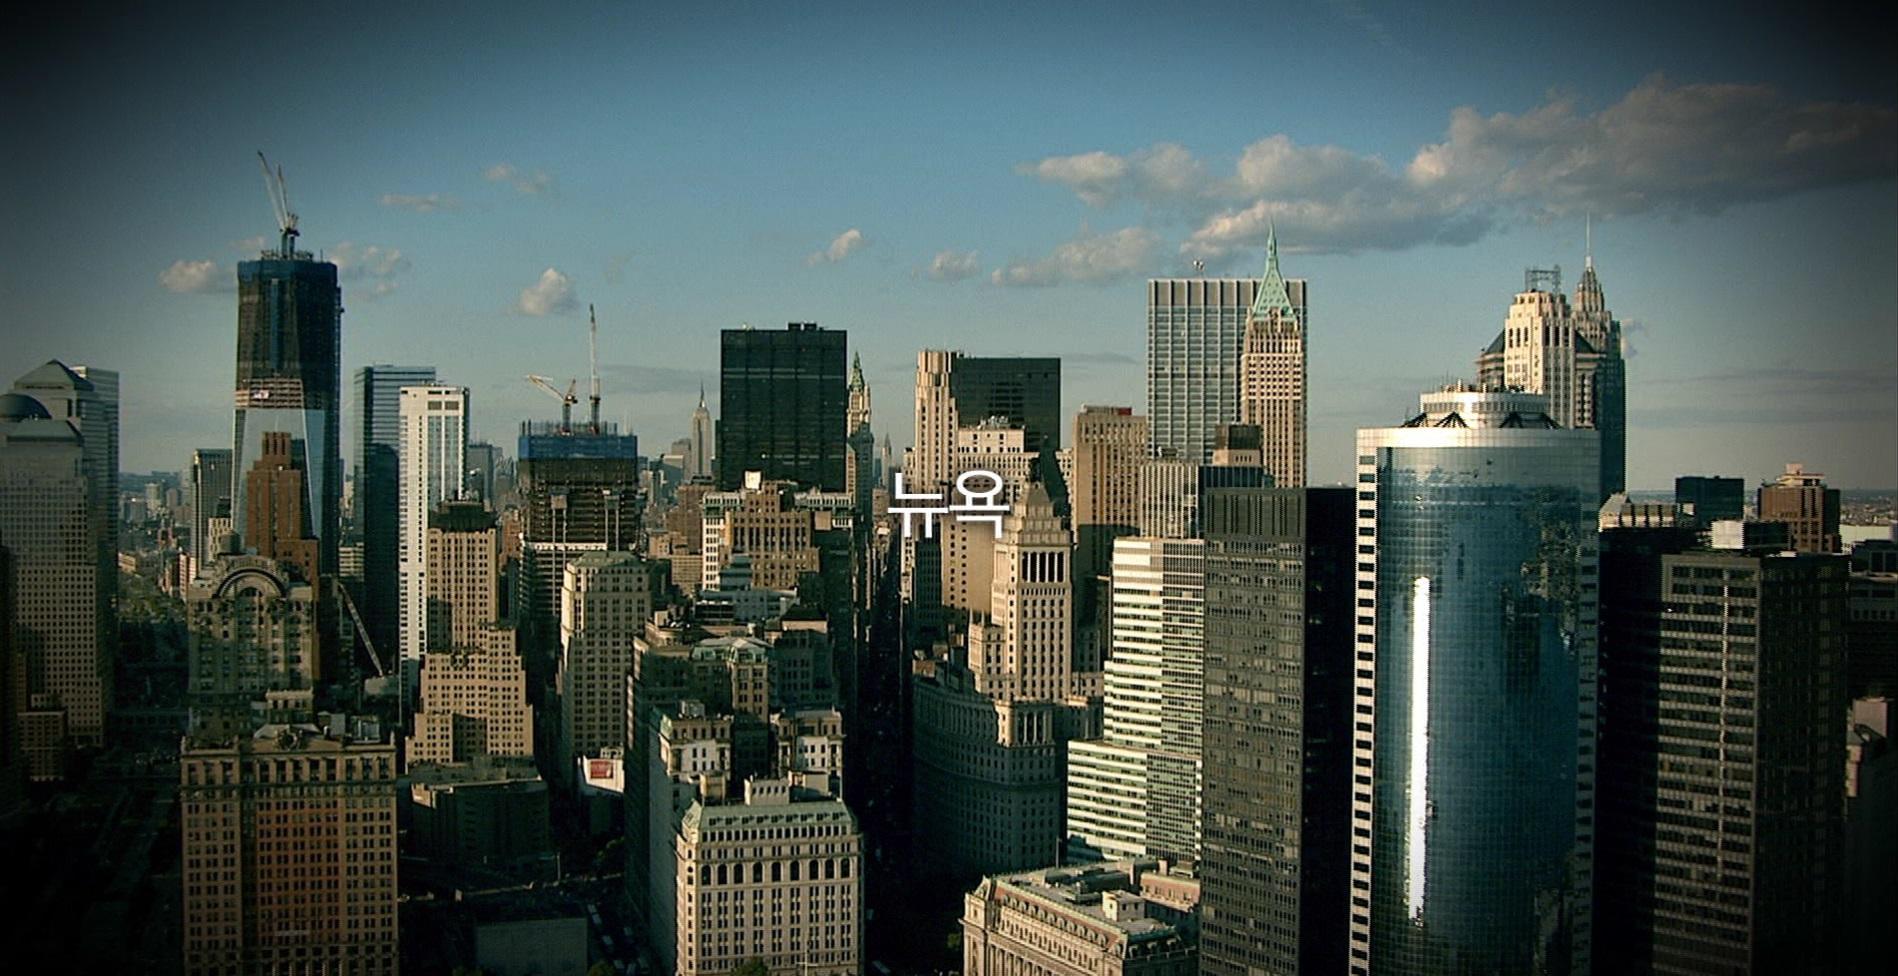 뉴욕, 뉴욕 New York, New York